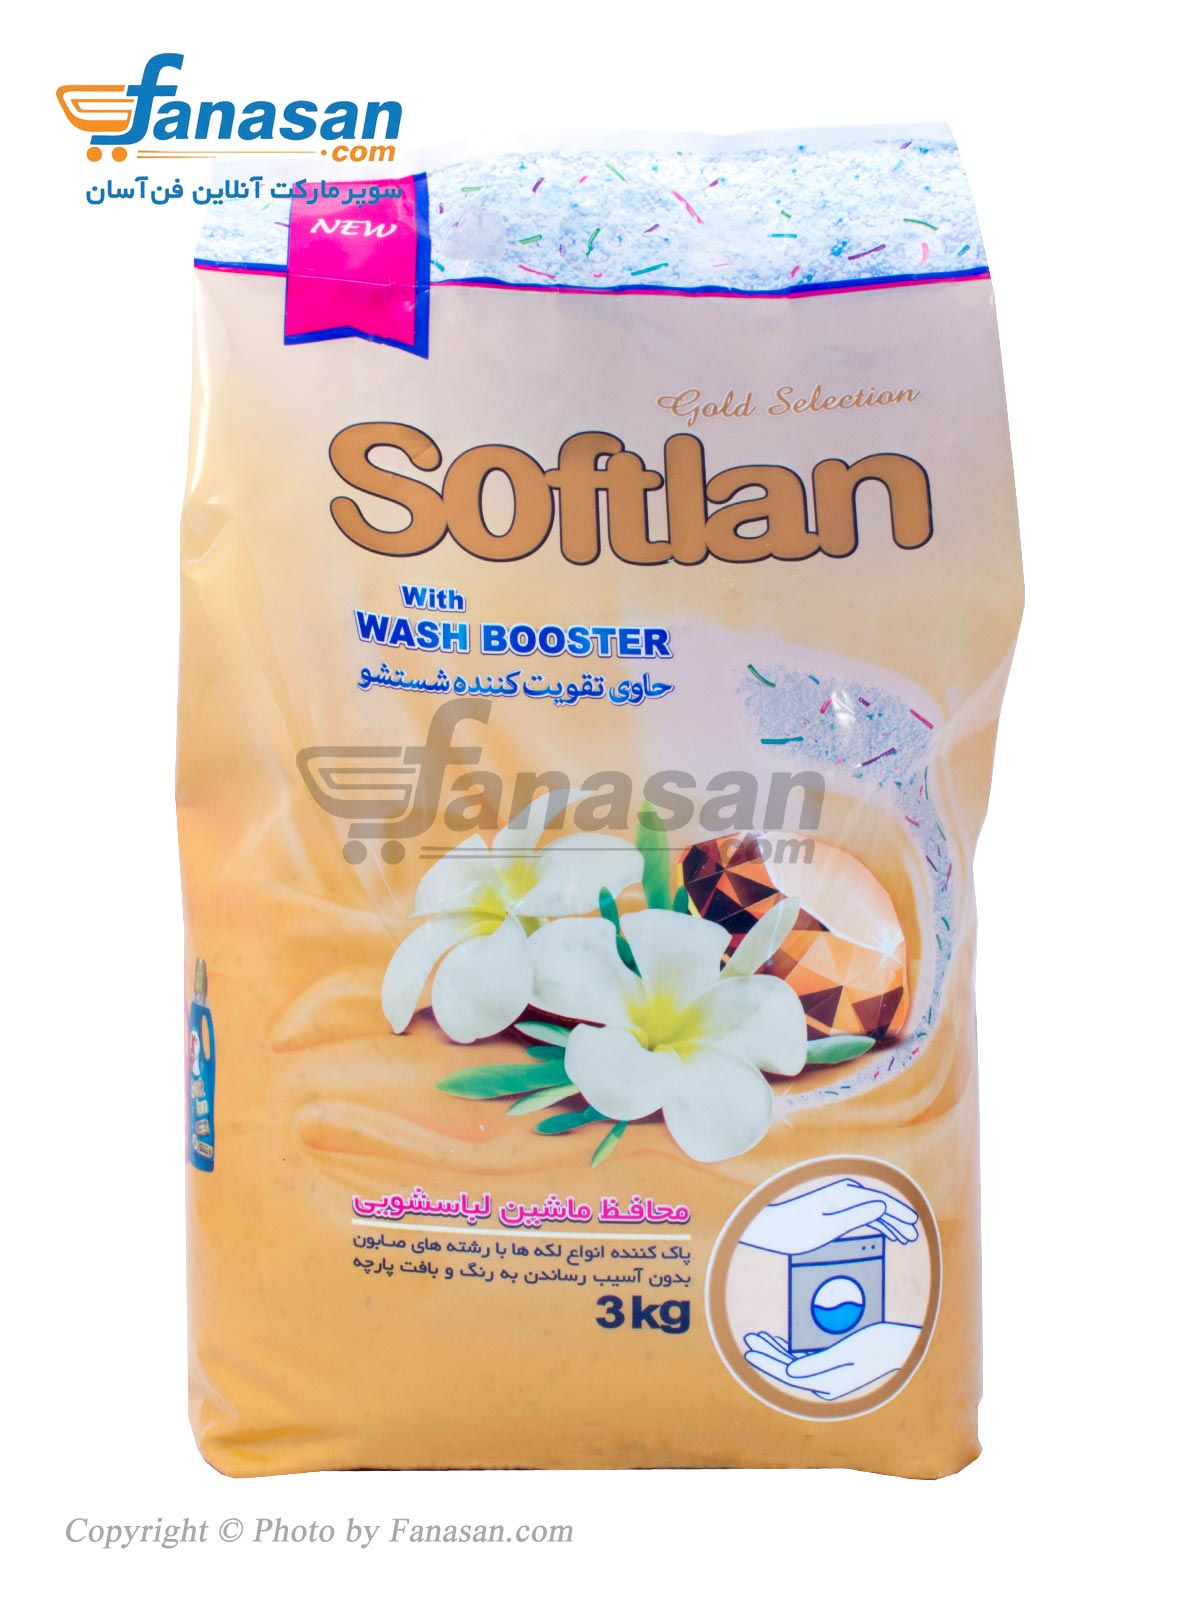 پودر لباسشویی حاوی رشته های صابون و تقویت کننده سافتلن 3000 گرم | Saftlan washing machine powde with wash bossster 3000 gr